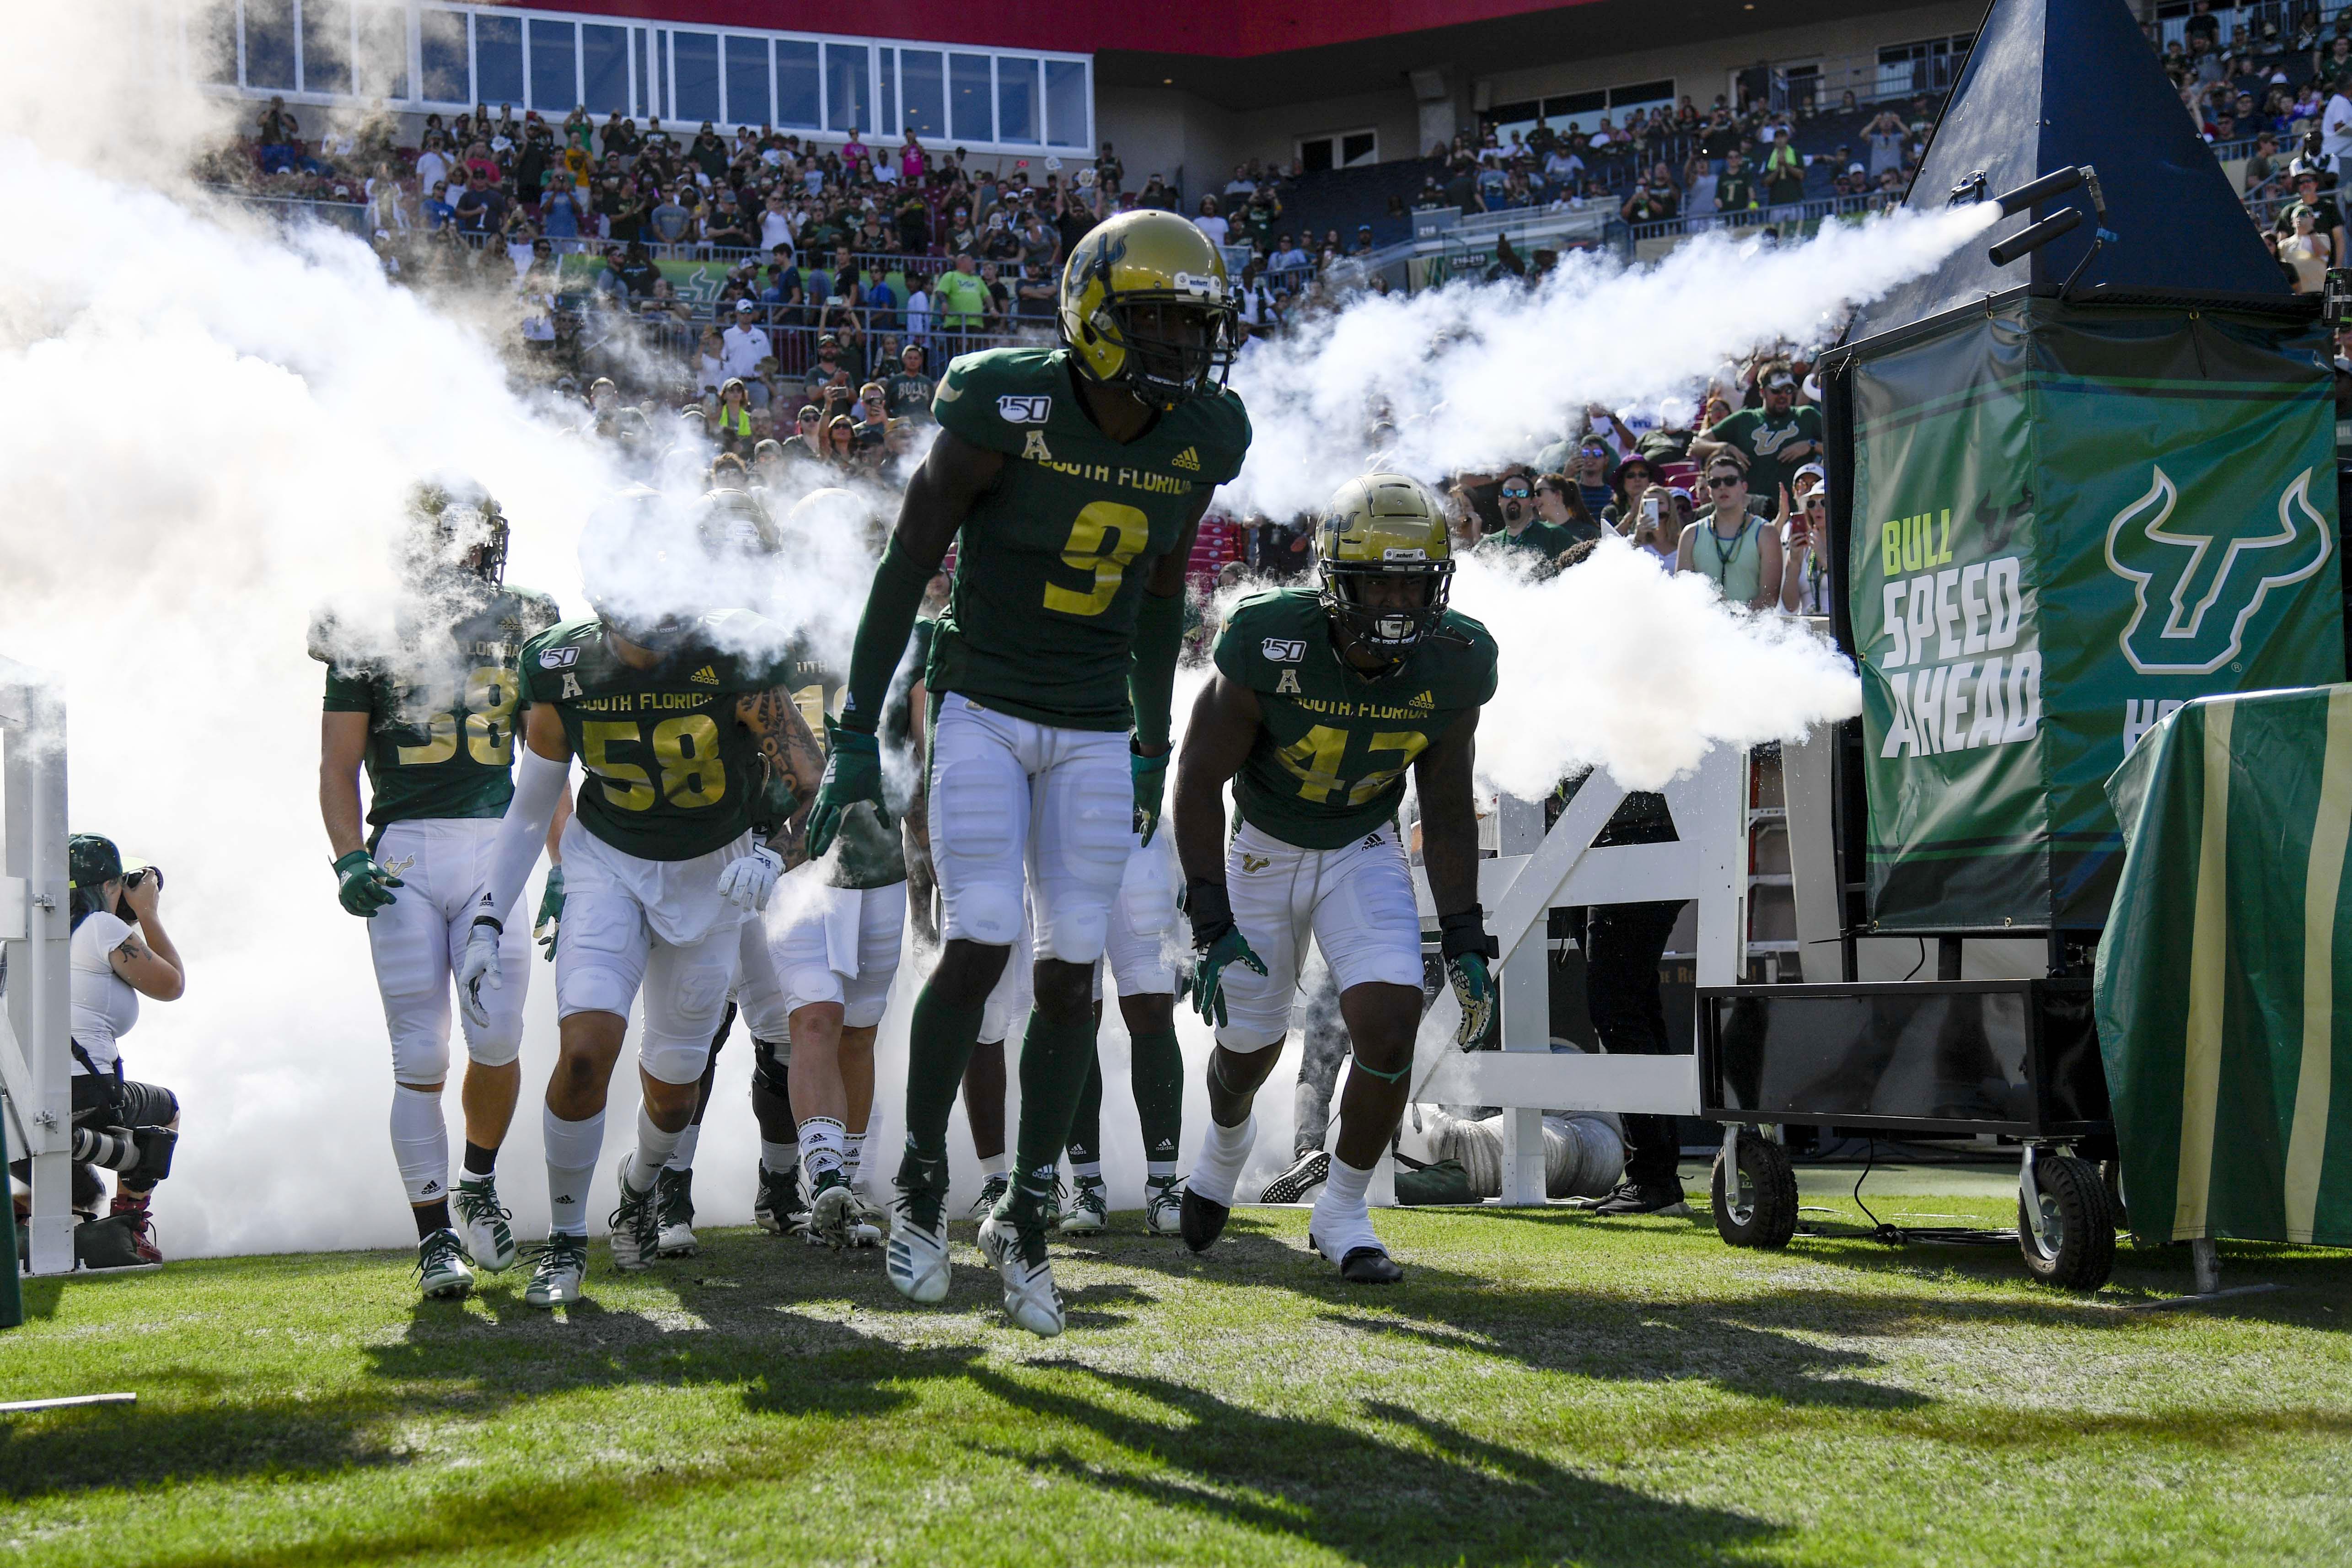 NCAA Football: Brigham Young at South Florida